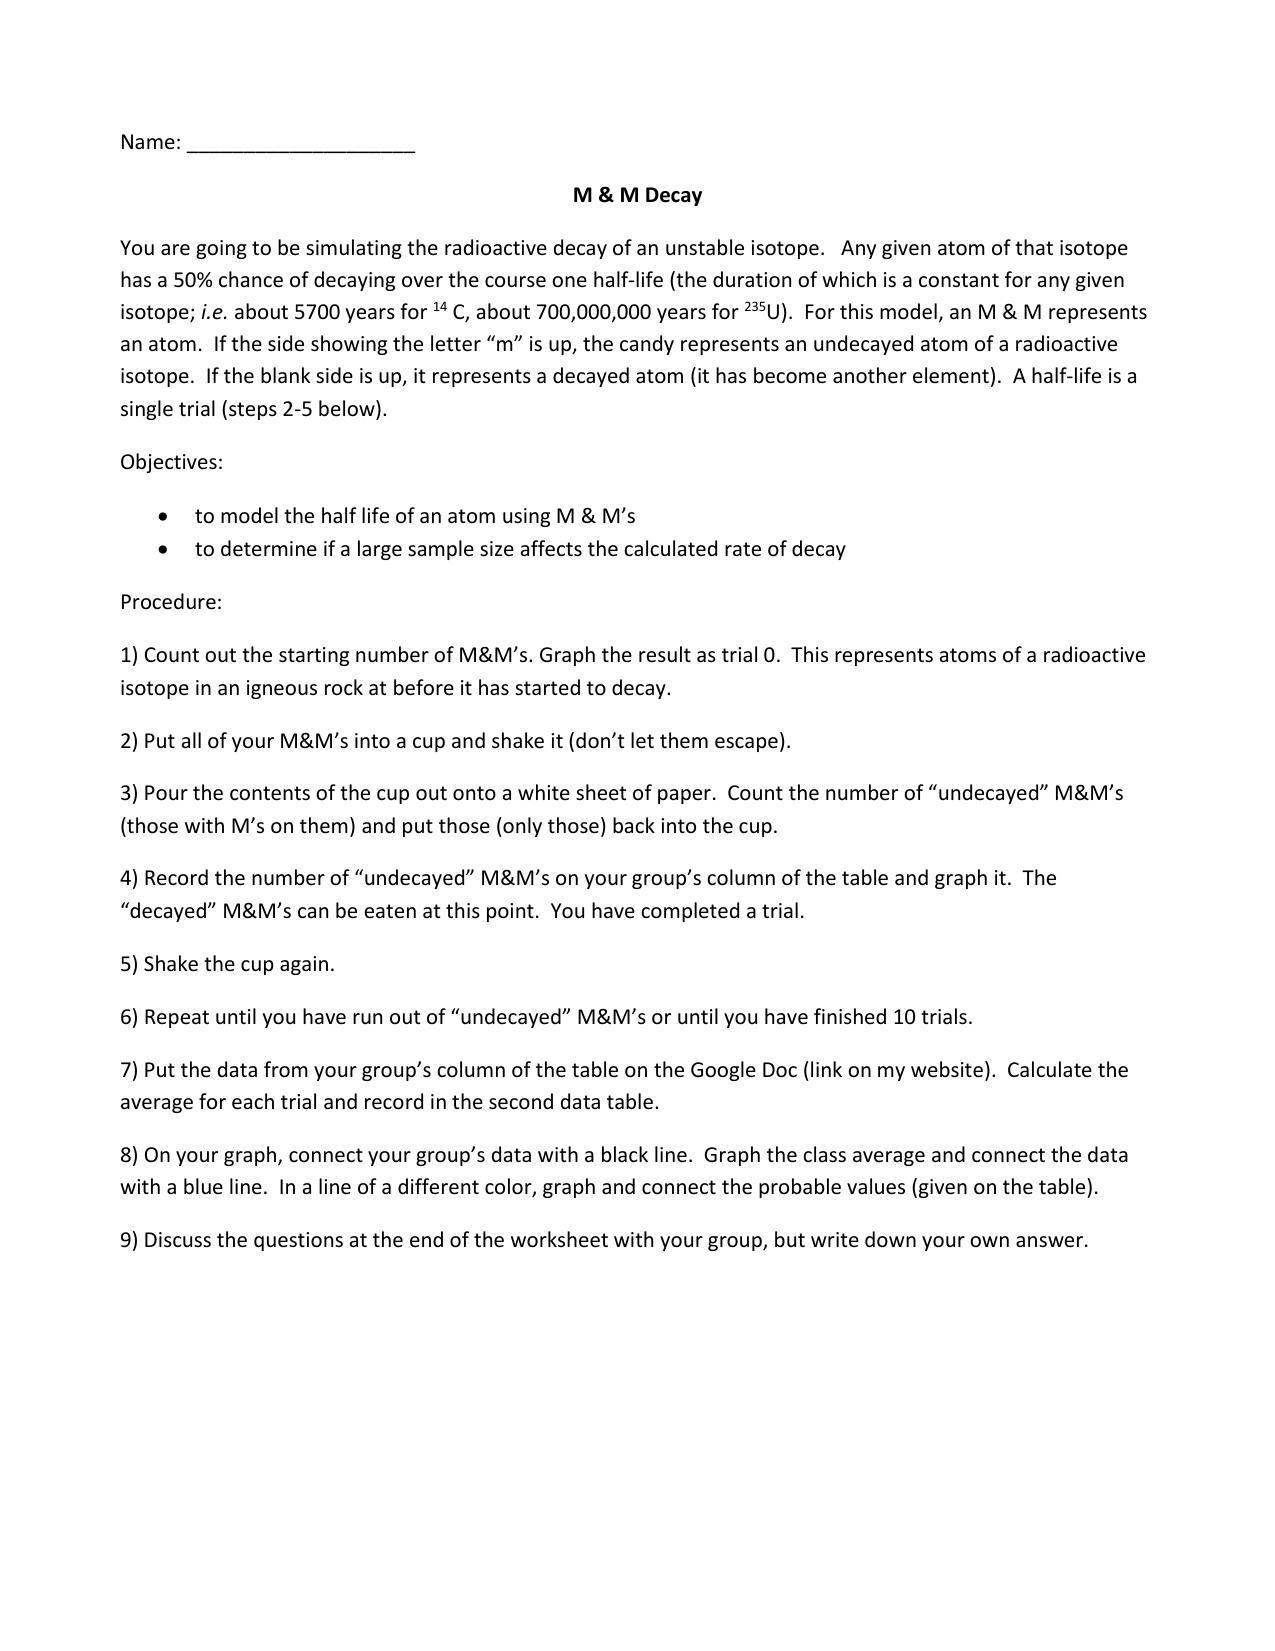 belconnen highs school study guide filetype pdf